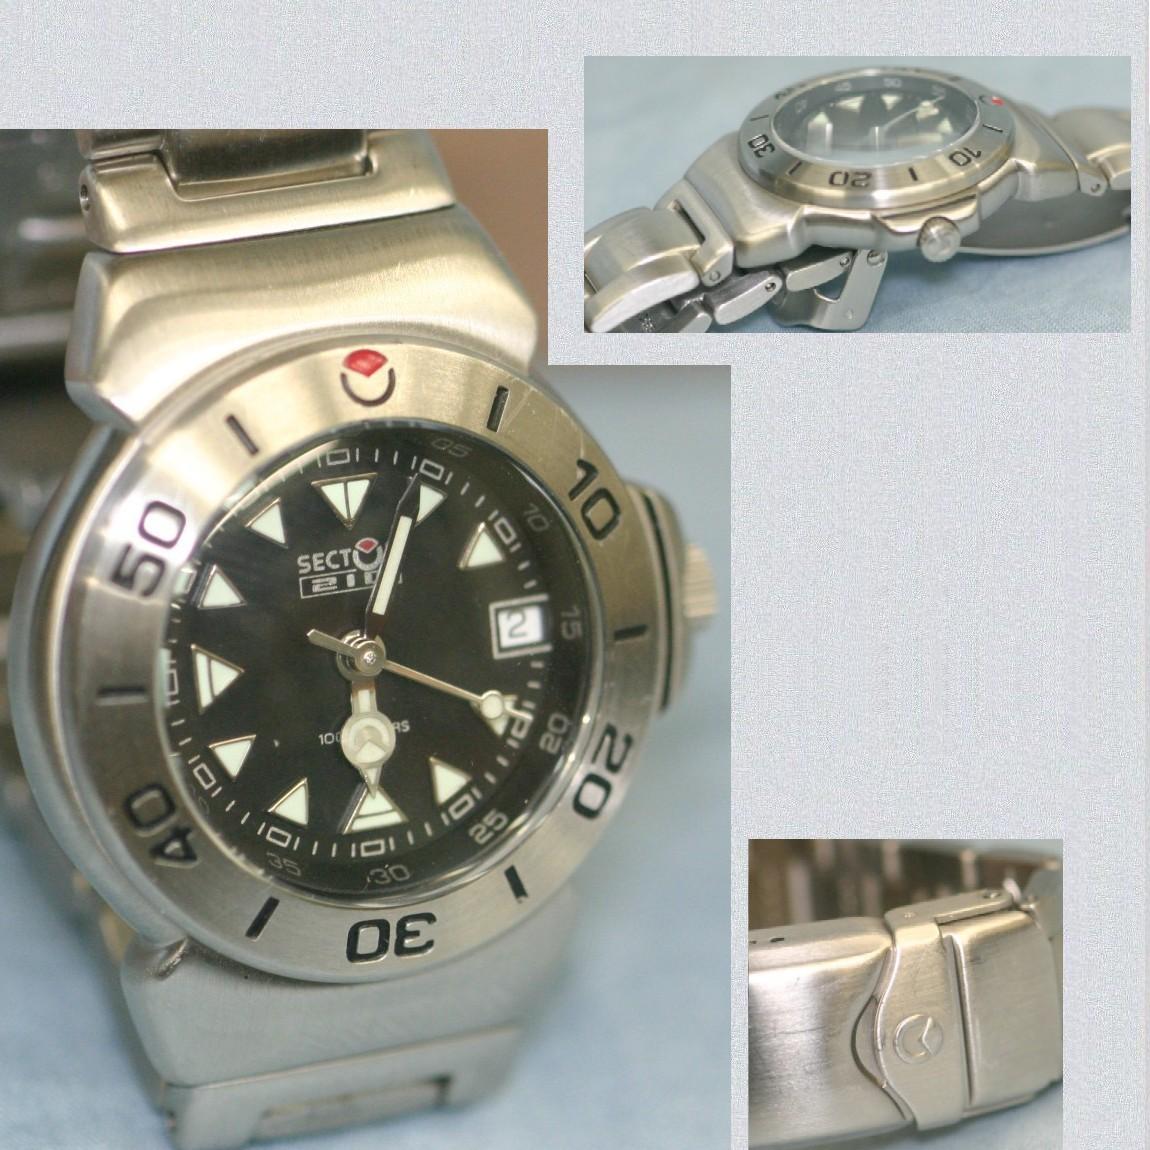 【中古】本物完動美品セクター女性用100m防水黒文字盤x銀色時計210